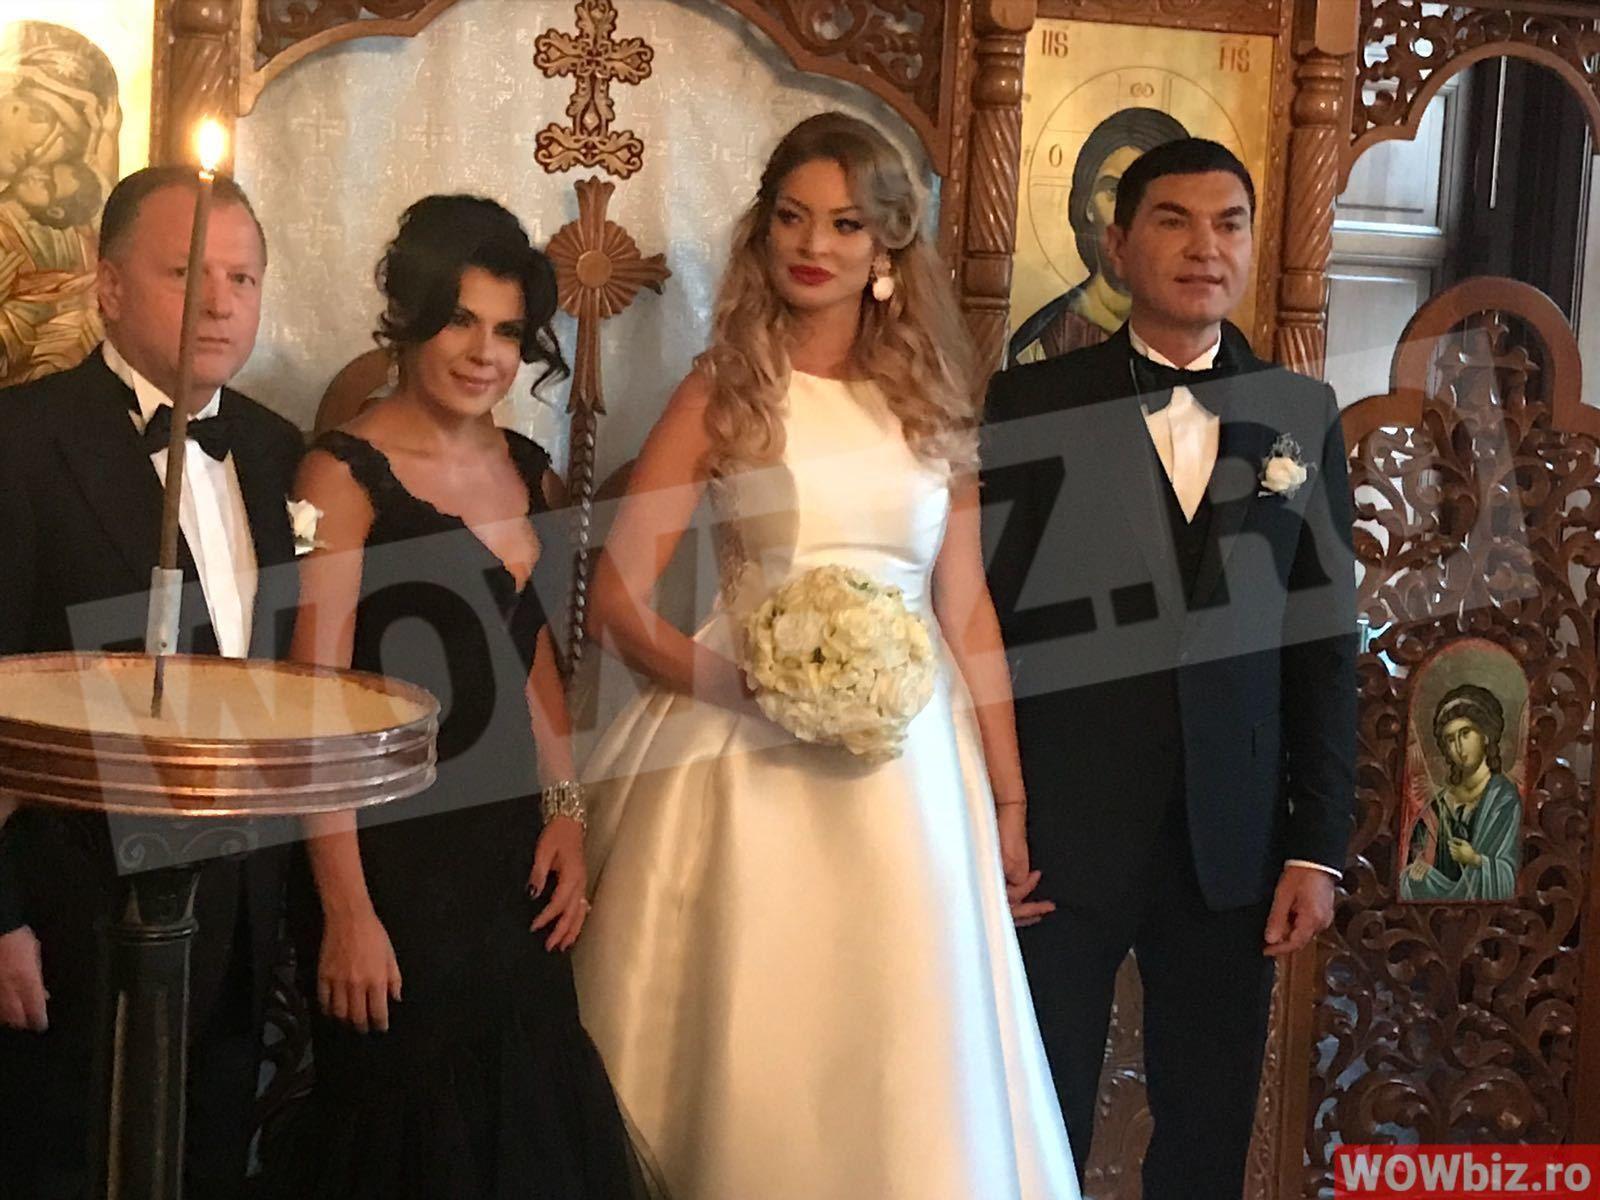 Valentina Pelinel A Plans In Biserica La Nunta Cu Borcea Wowbiz